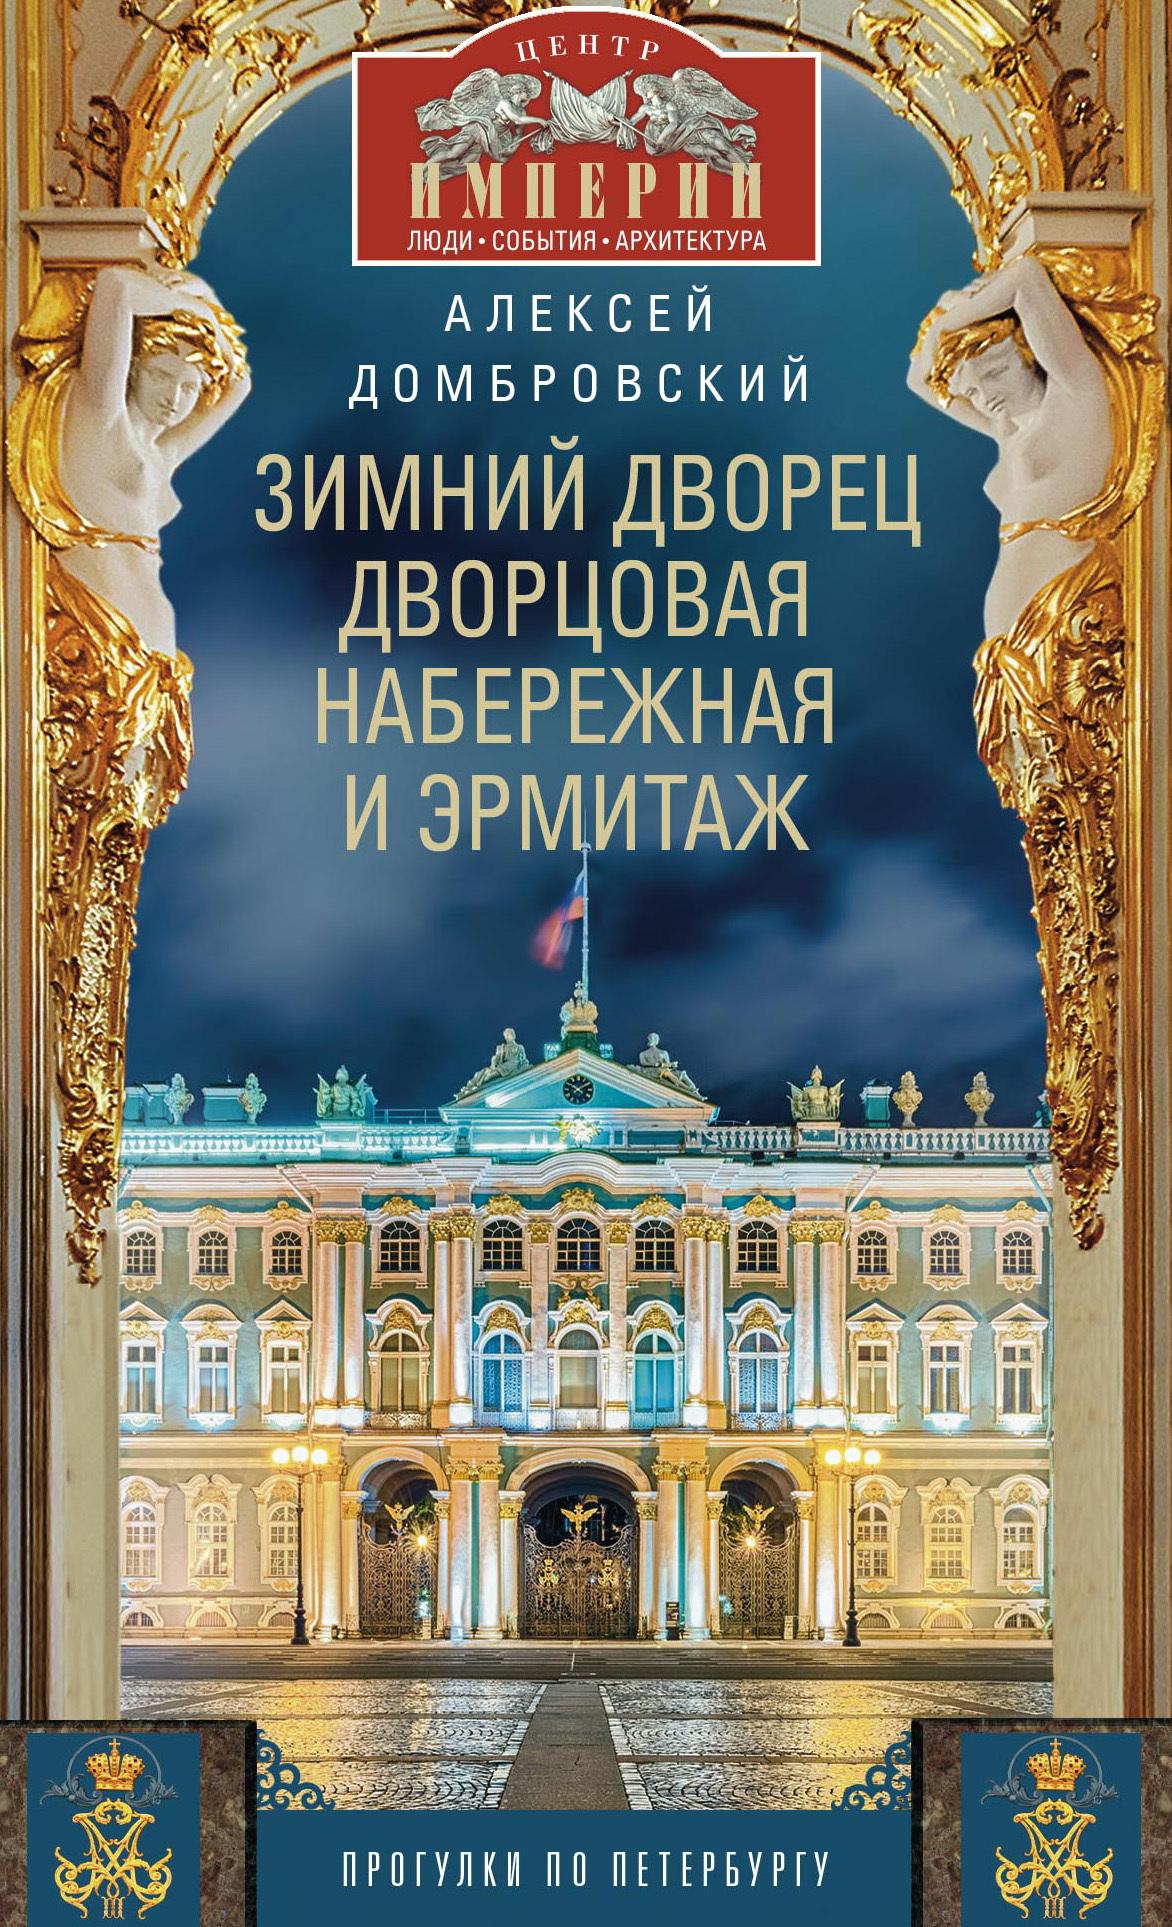 Зимний дворец, Дворцовая набережная и Эрмитаж. Прогулки по Петербургу